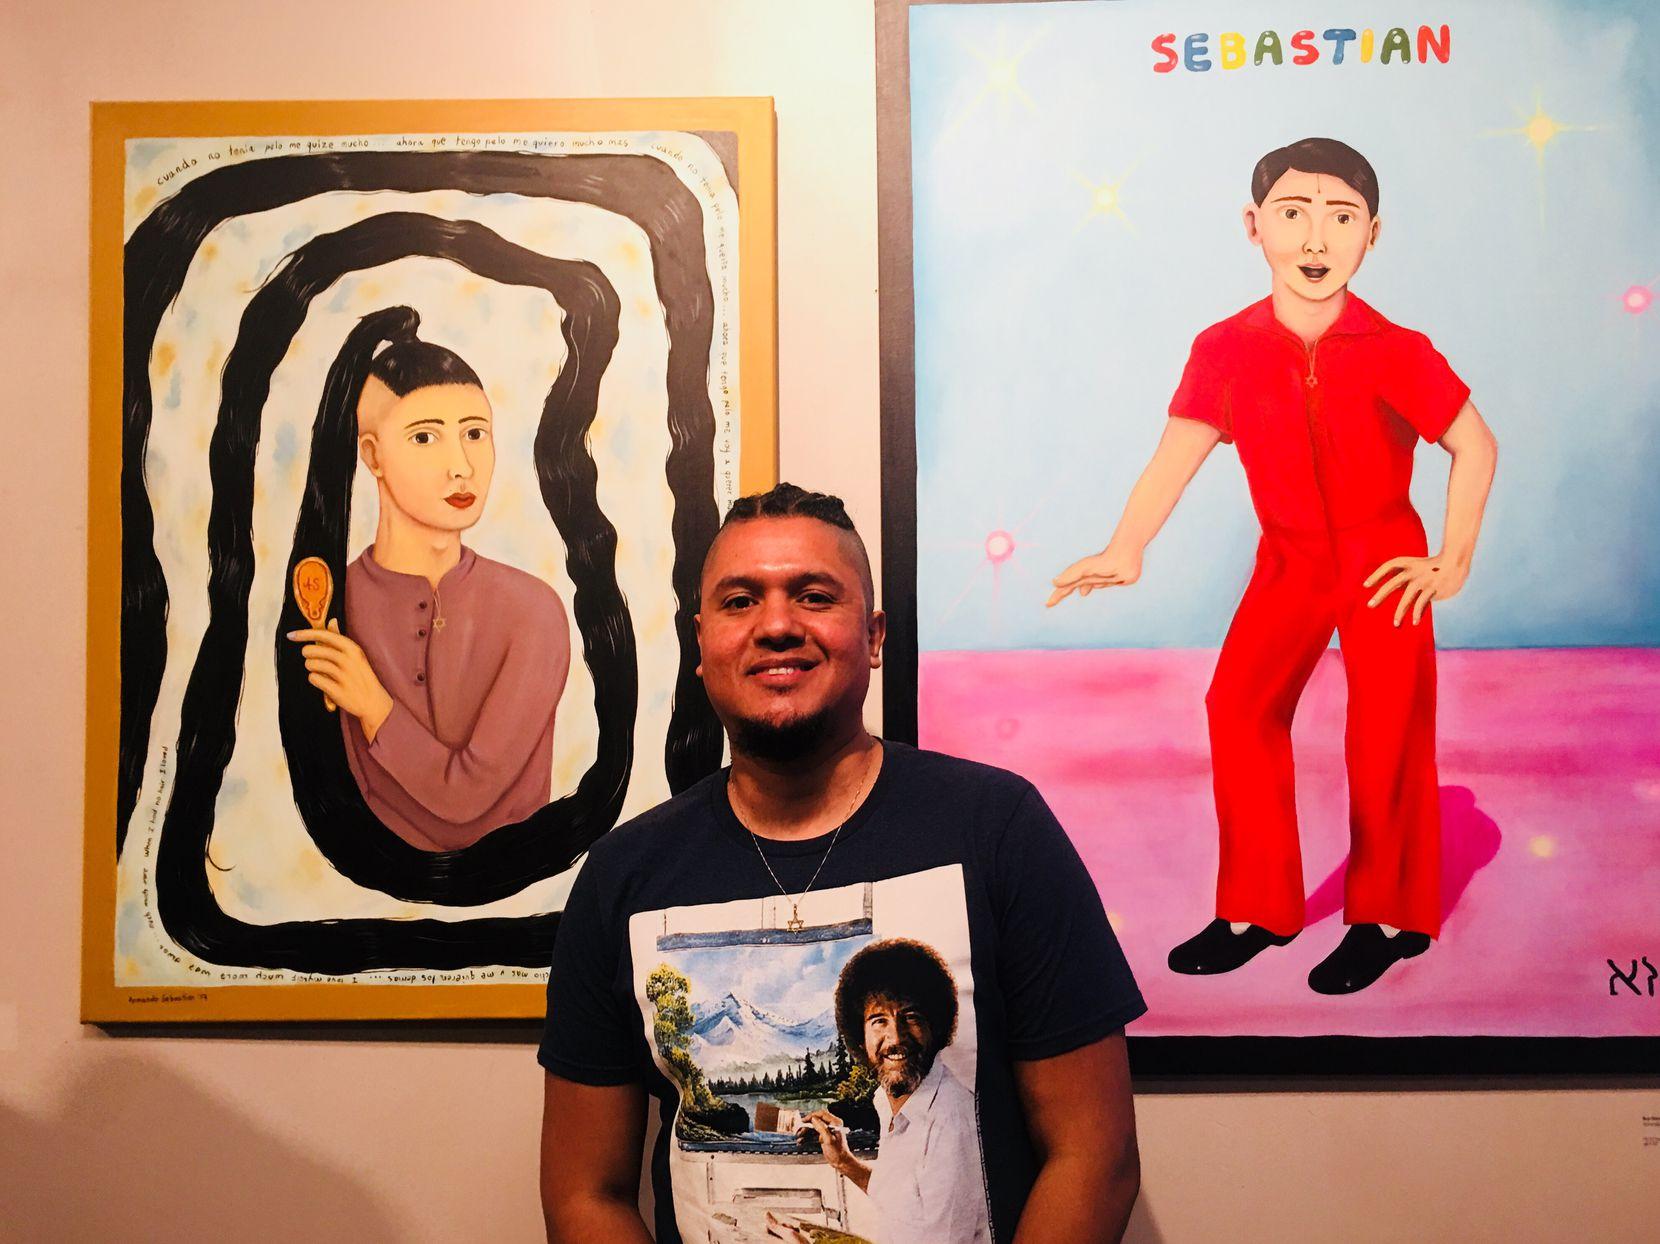 El artista Armando Sebastian fotografiado al frente de sus obras en el Oak Cliff Cultural Center el 4 de mayo de 2018, en el marco de la exposición Maricón. JENNY MANRIQUE/AL DÍA